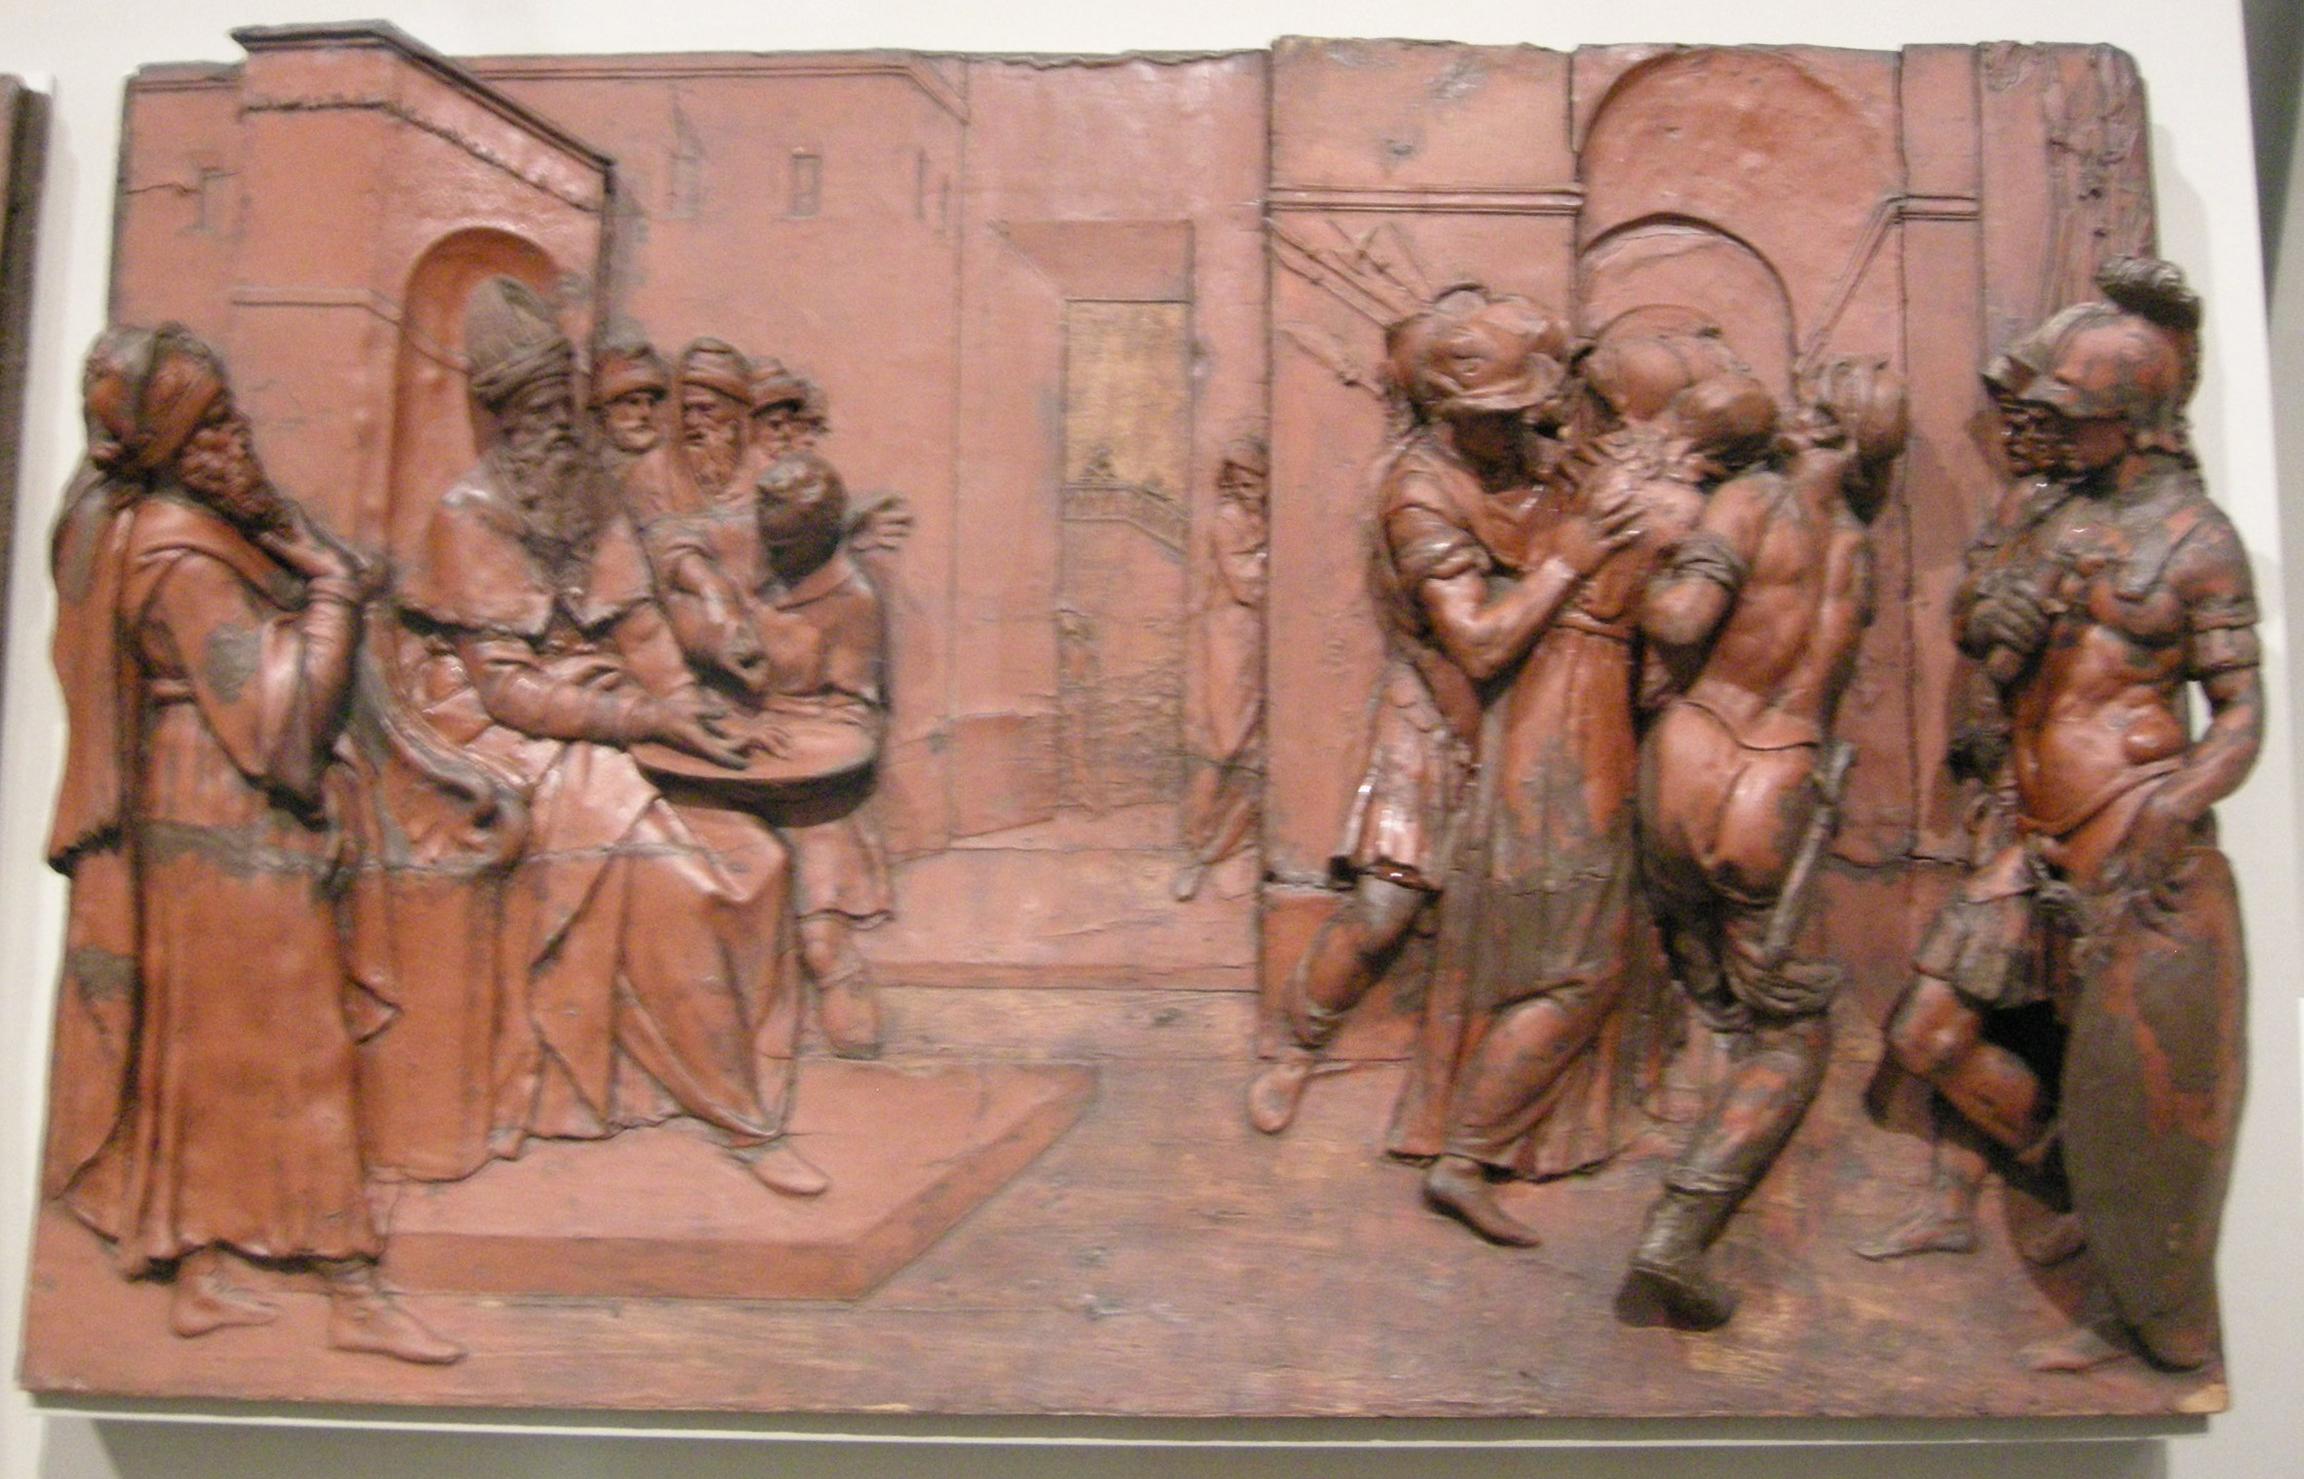 File:Giambologna, rilievi per la cappella grimaldi, 1579, 03.JPG